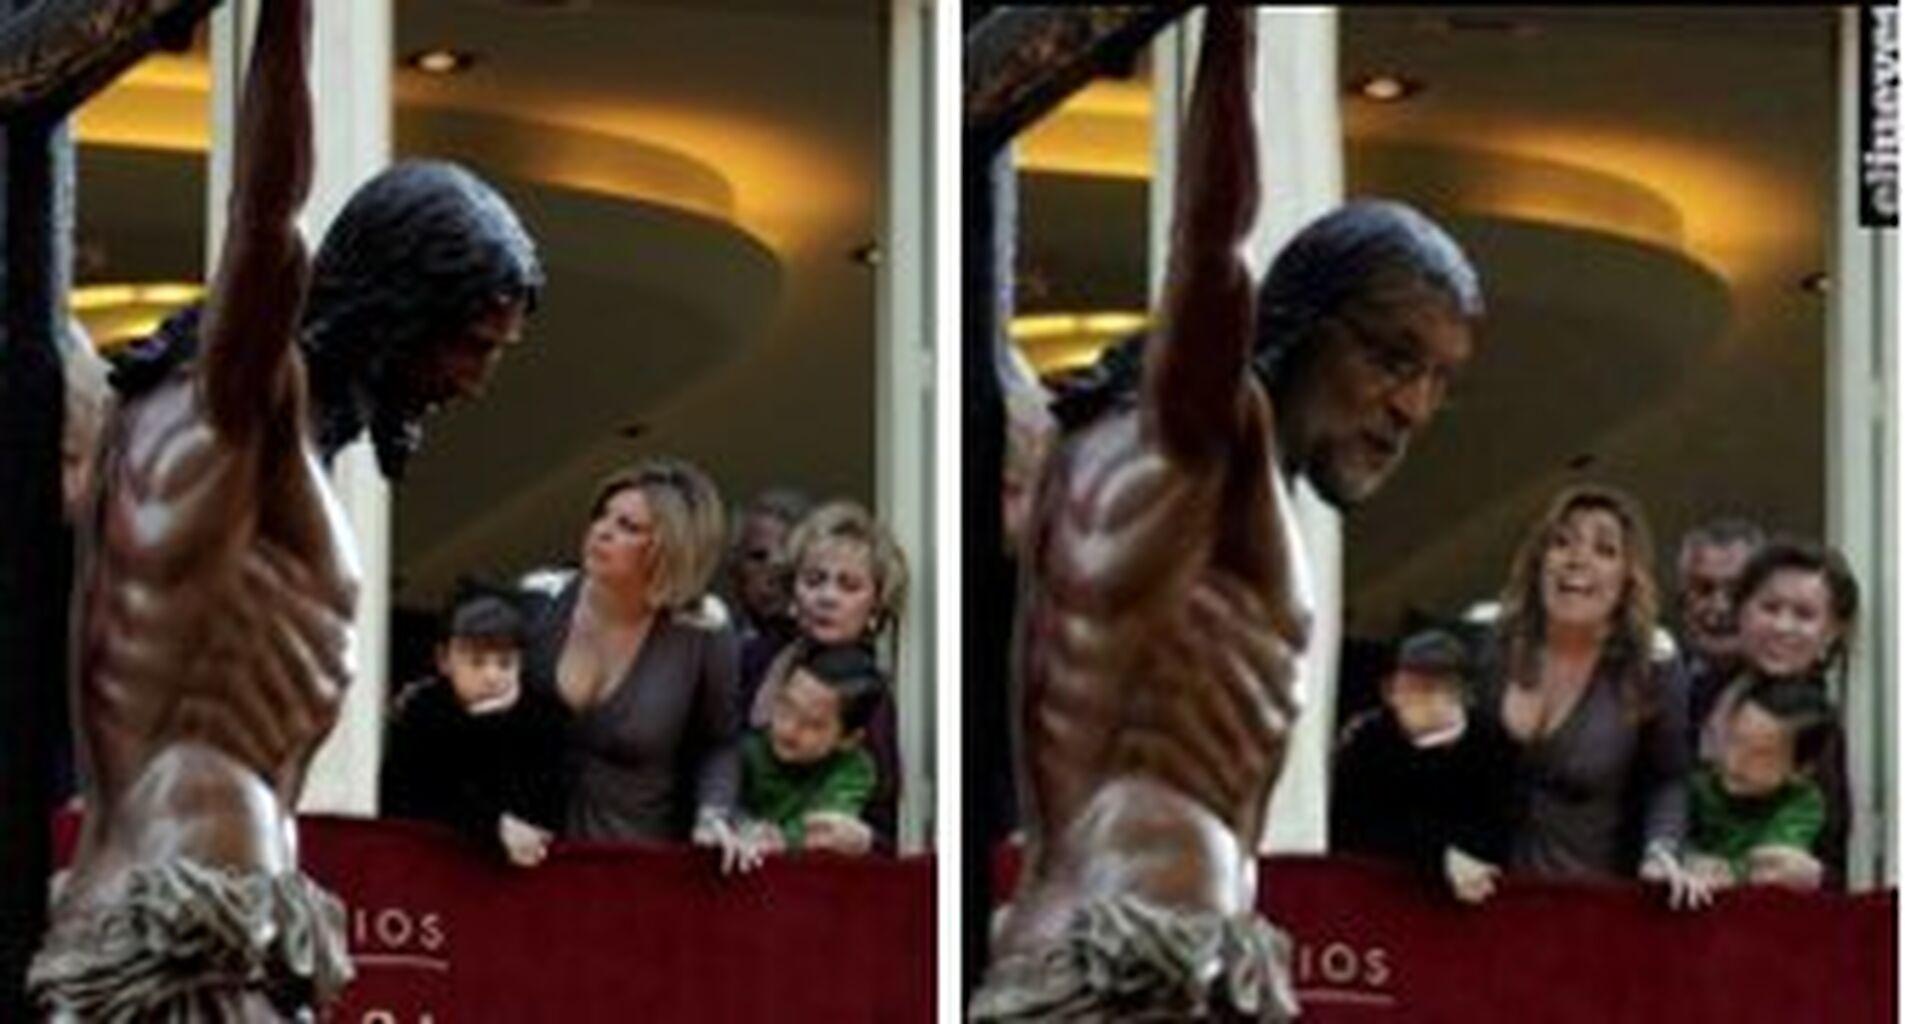 Polémica En Crucifixión Por Un Fotomontaje De El Jueves